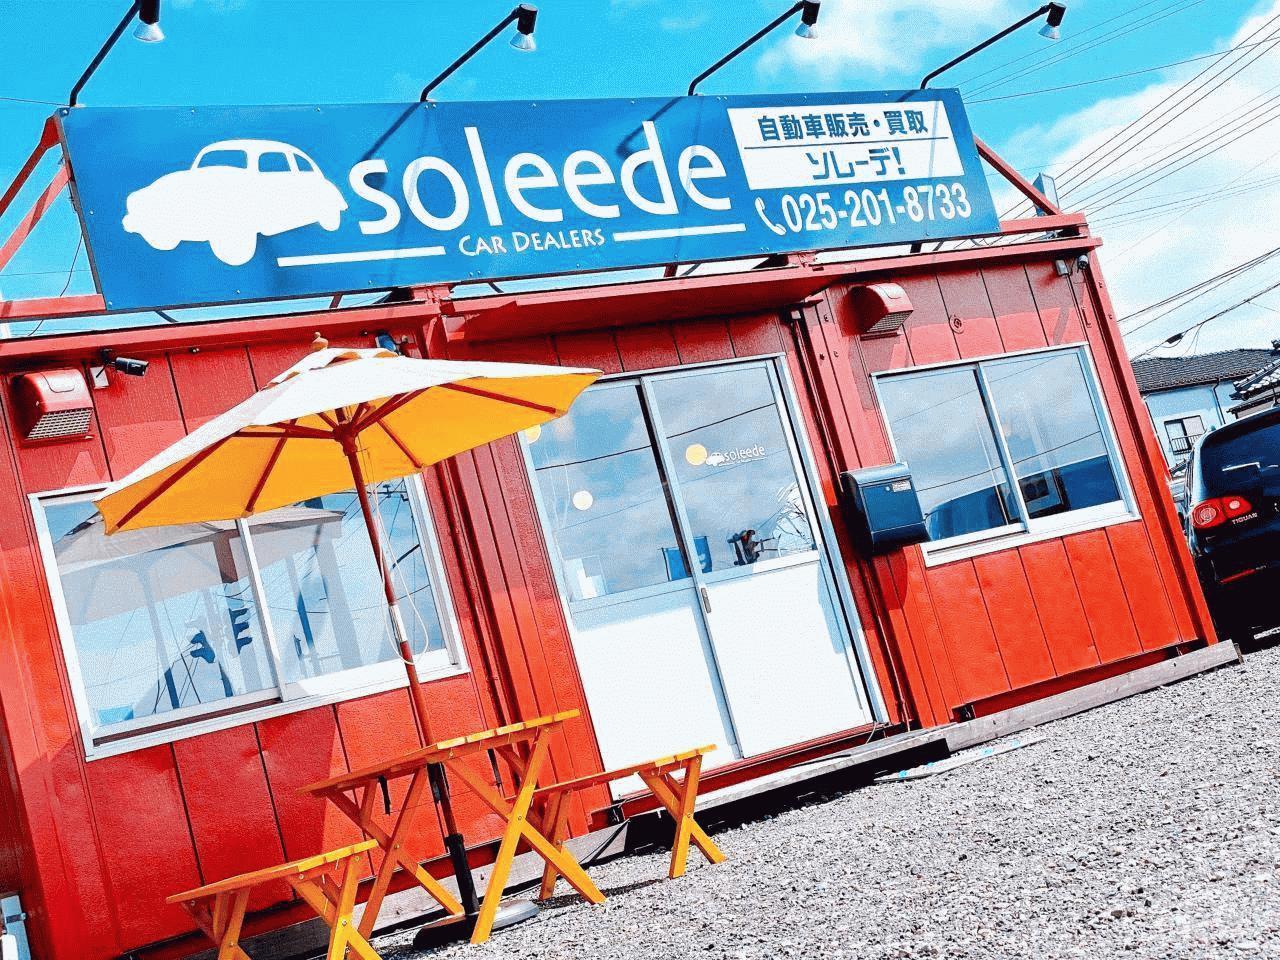 こちらの赤い店舗が目印です!まだまだ駆け出しではございますが、是非多くのお客様のご来店をお待ちしております♪